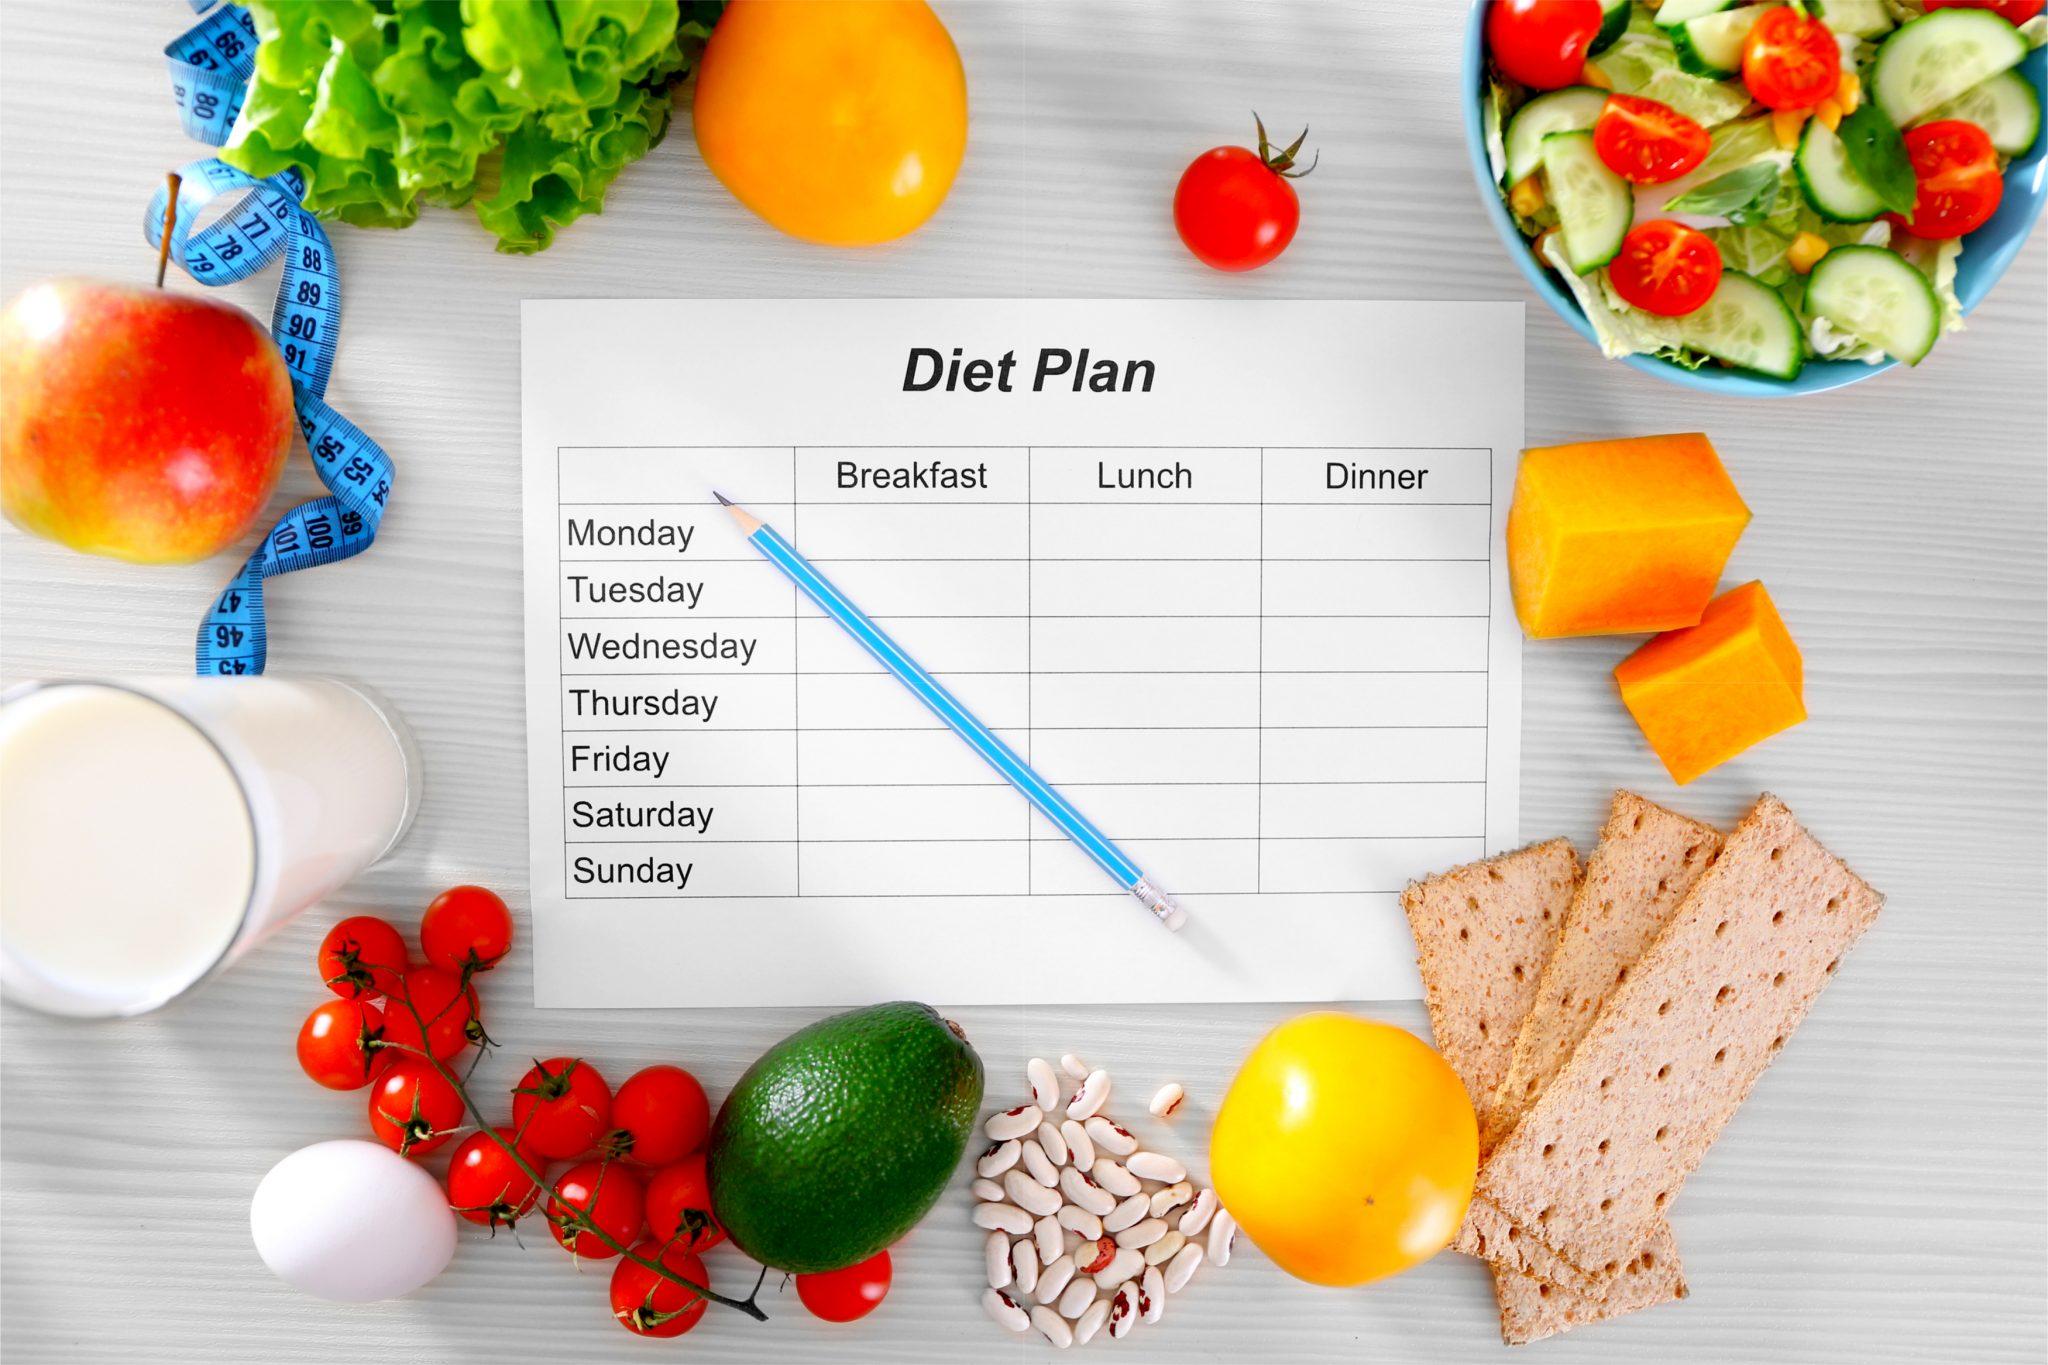 野菜に囲まれたダイエット計画表